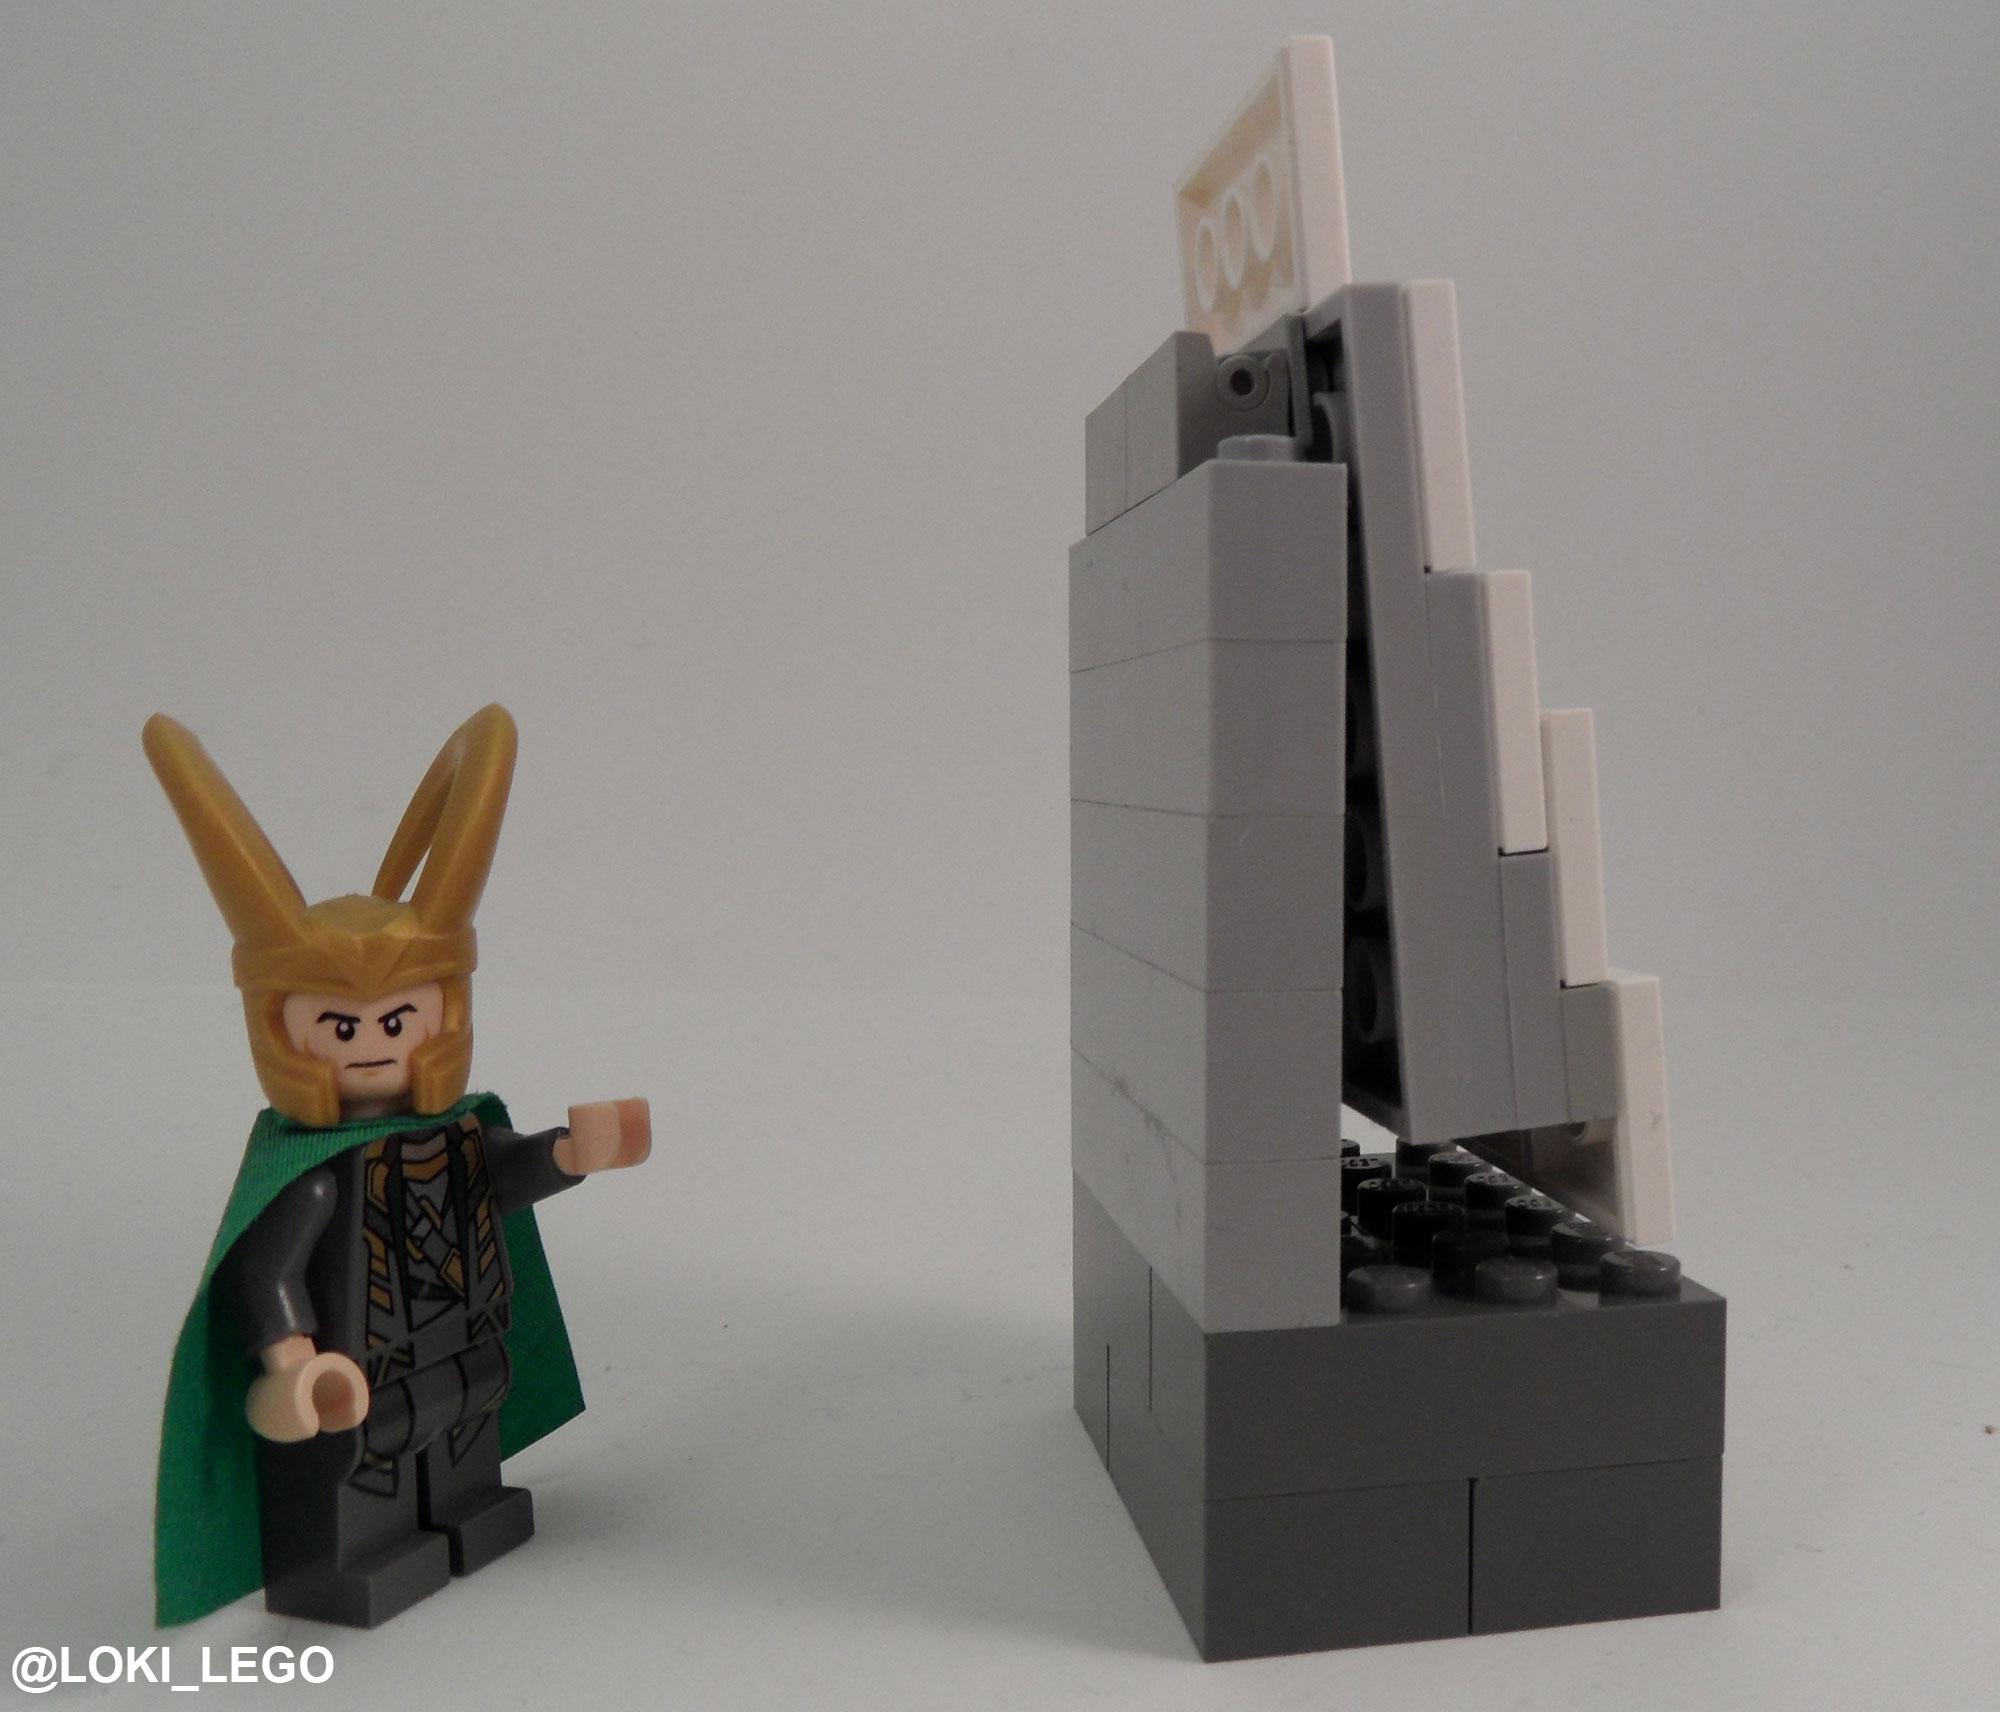 thor-ragnarok-lego-set-19